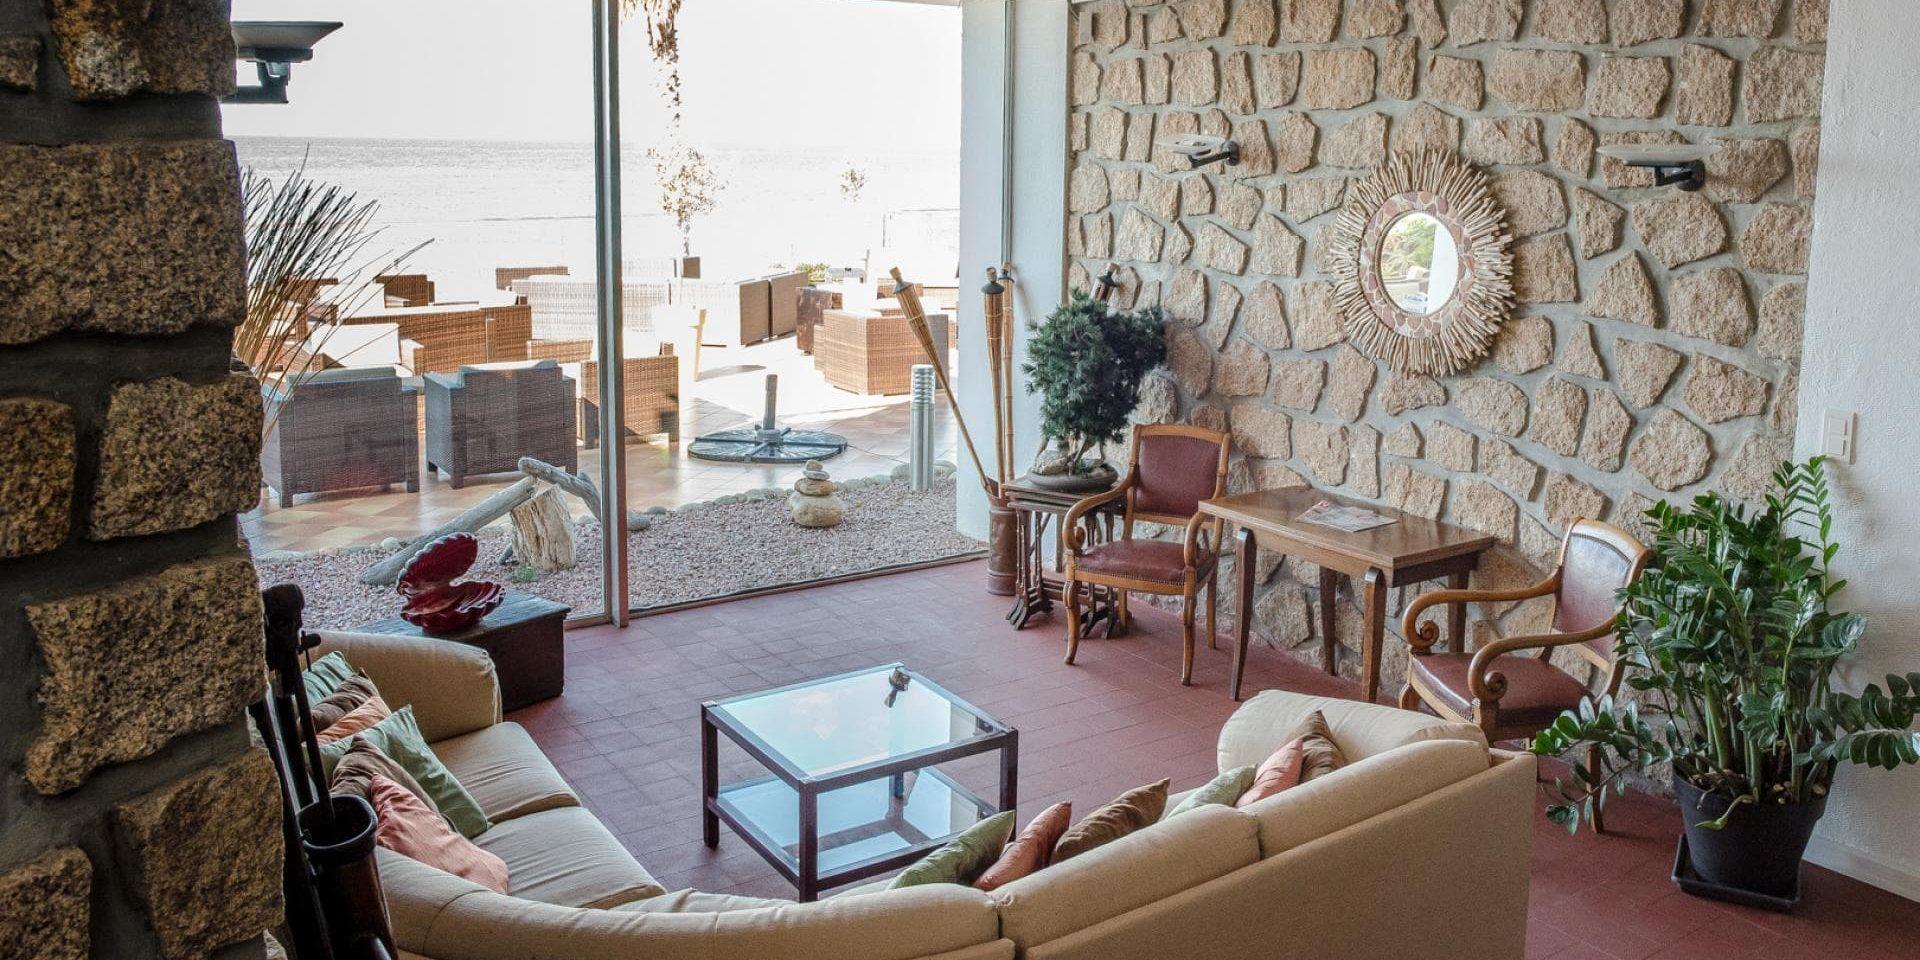 Hotel Cala di Sole Ajaccio Corsica Frankrijk lounge terras zzezicht